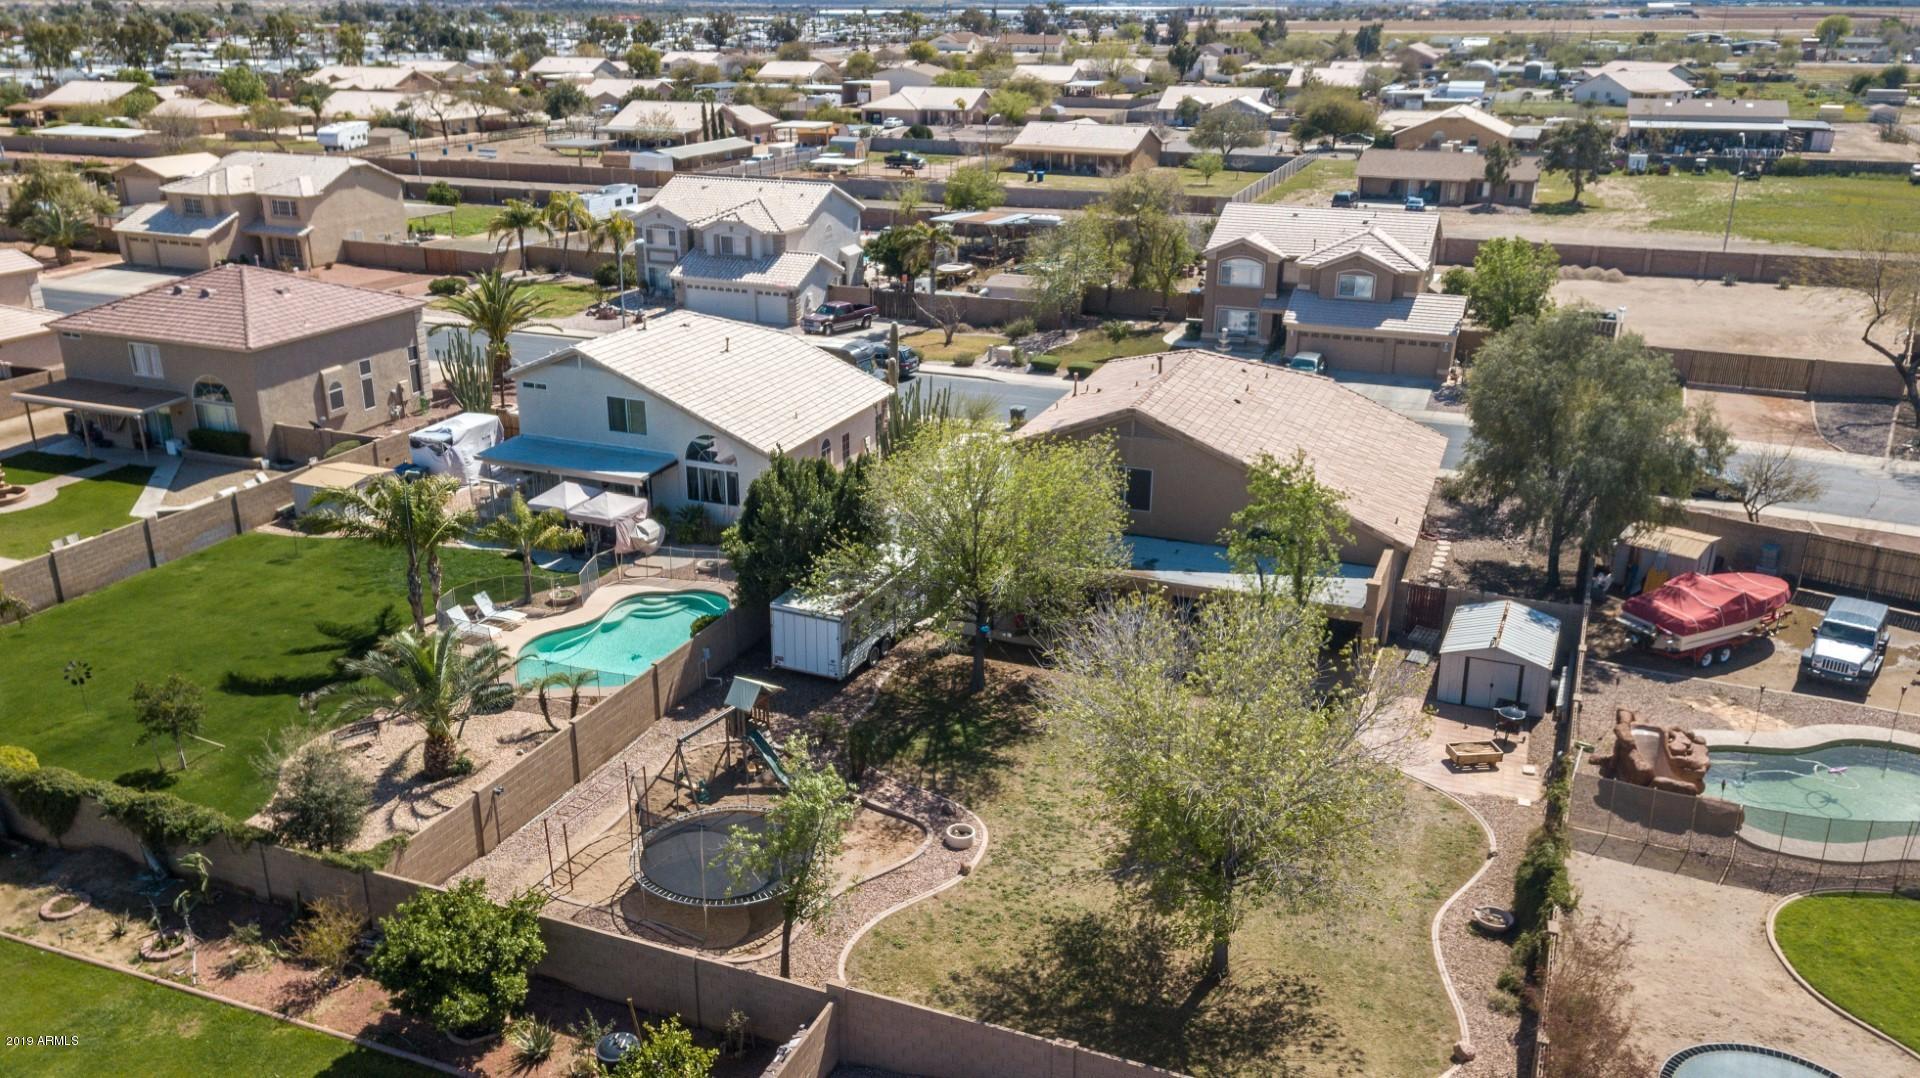 MLS 5898582 12410 W BERRY Lane, El Mirage, AZ 85335 El Mirage AZ Four Bedroom